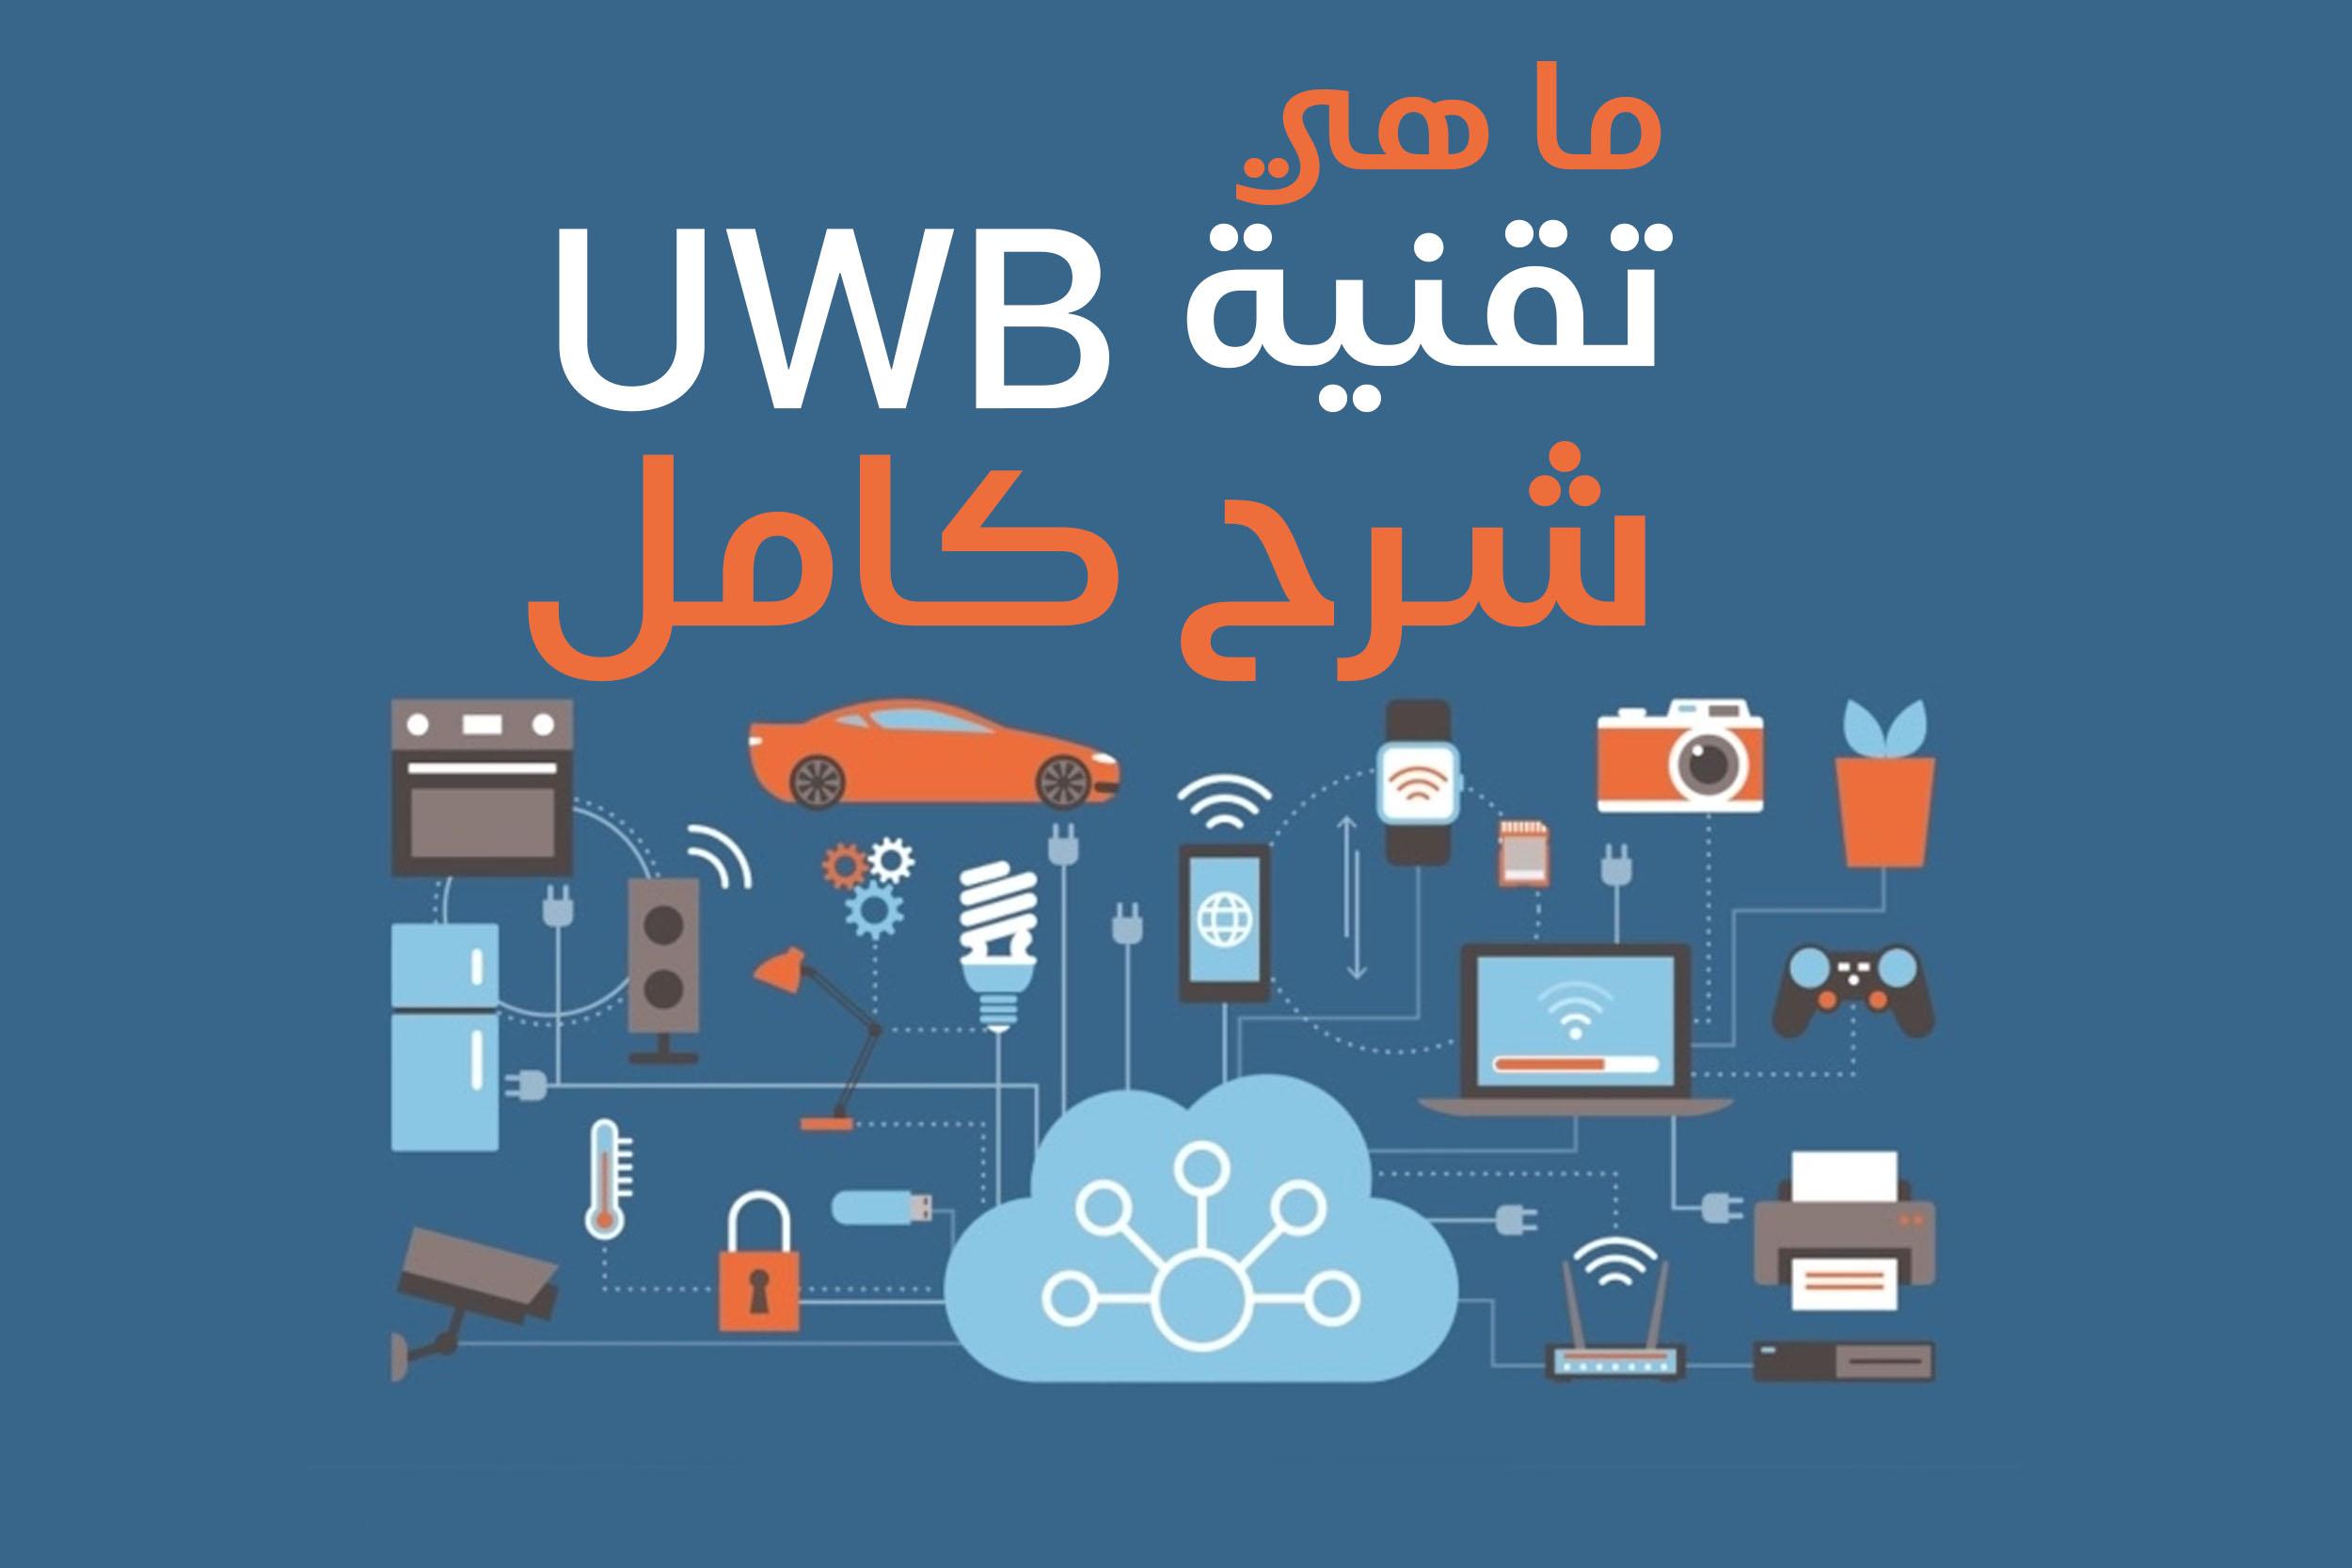 ما هي تقنية UWB ؟ كيف تعمل تقنية UWB ؟ ما الفرق بينها وبين بلوتوث؟